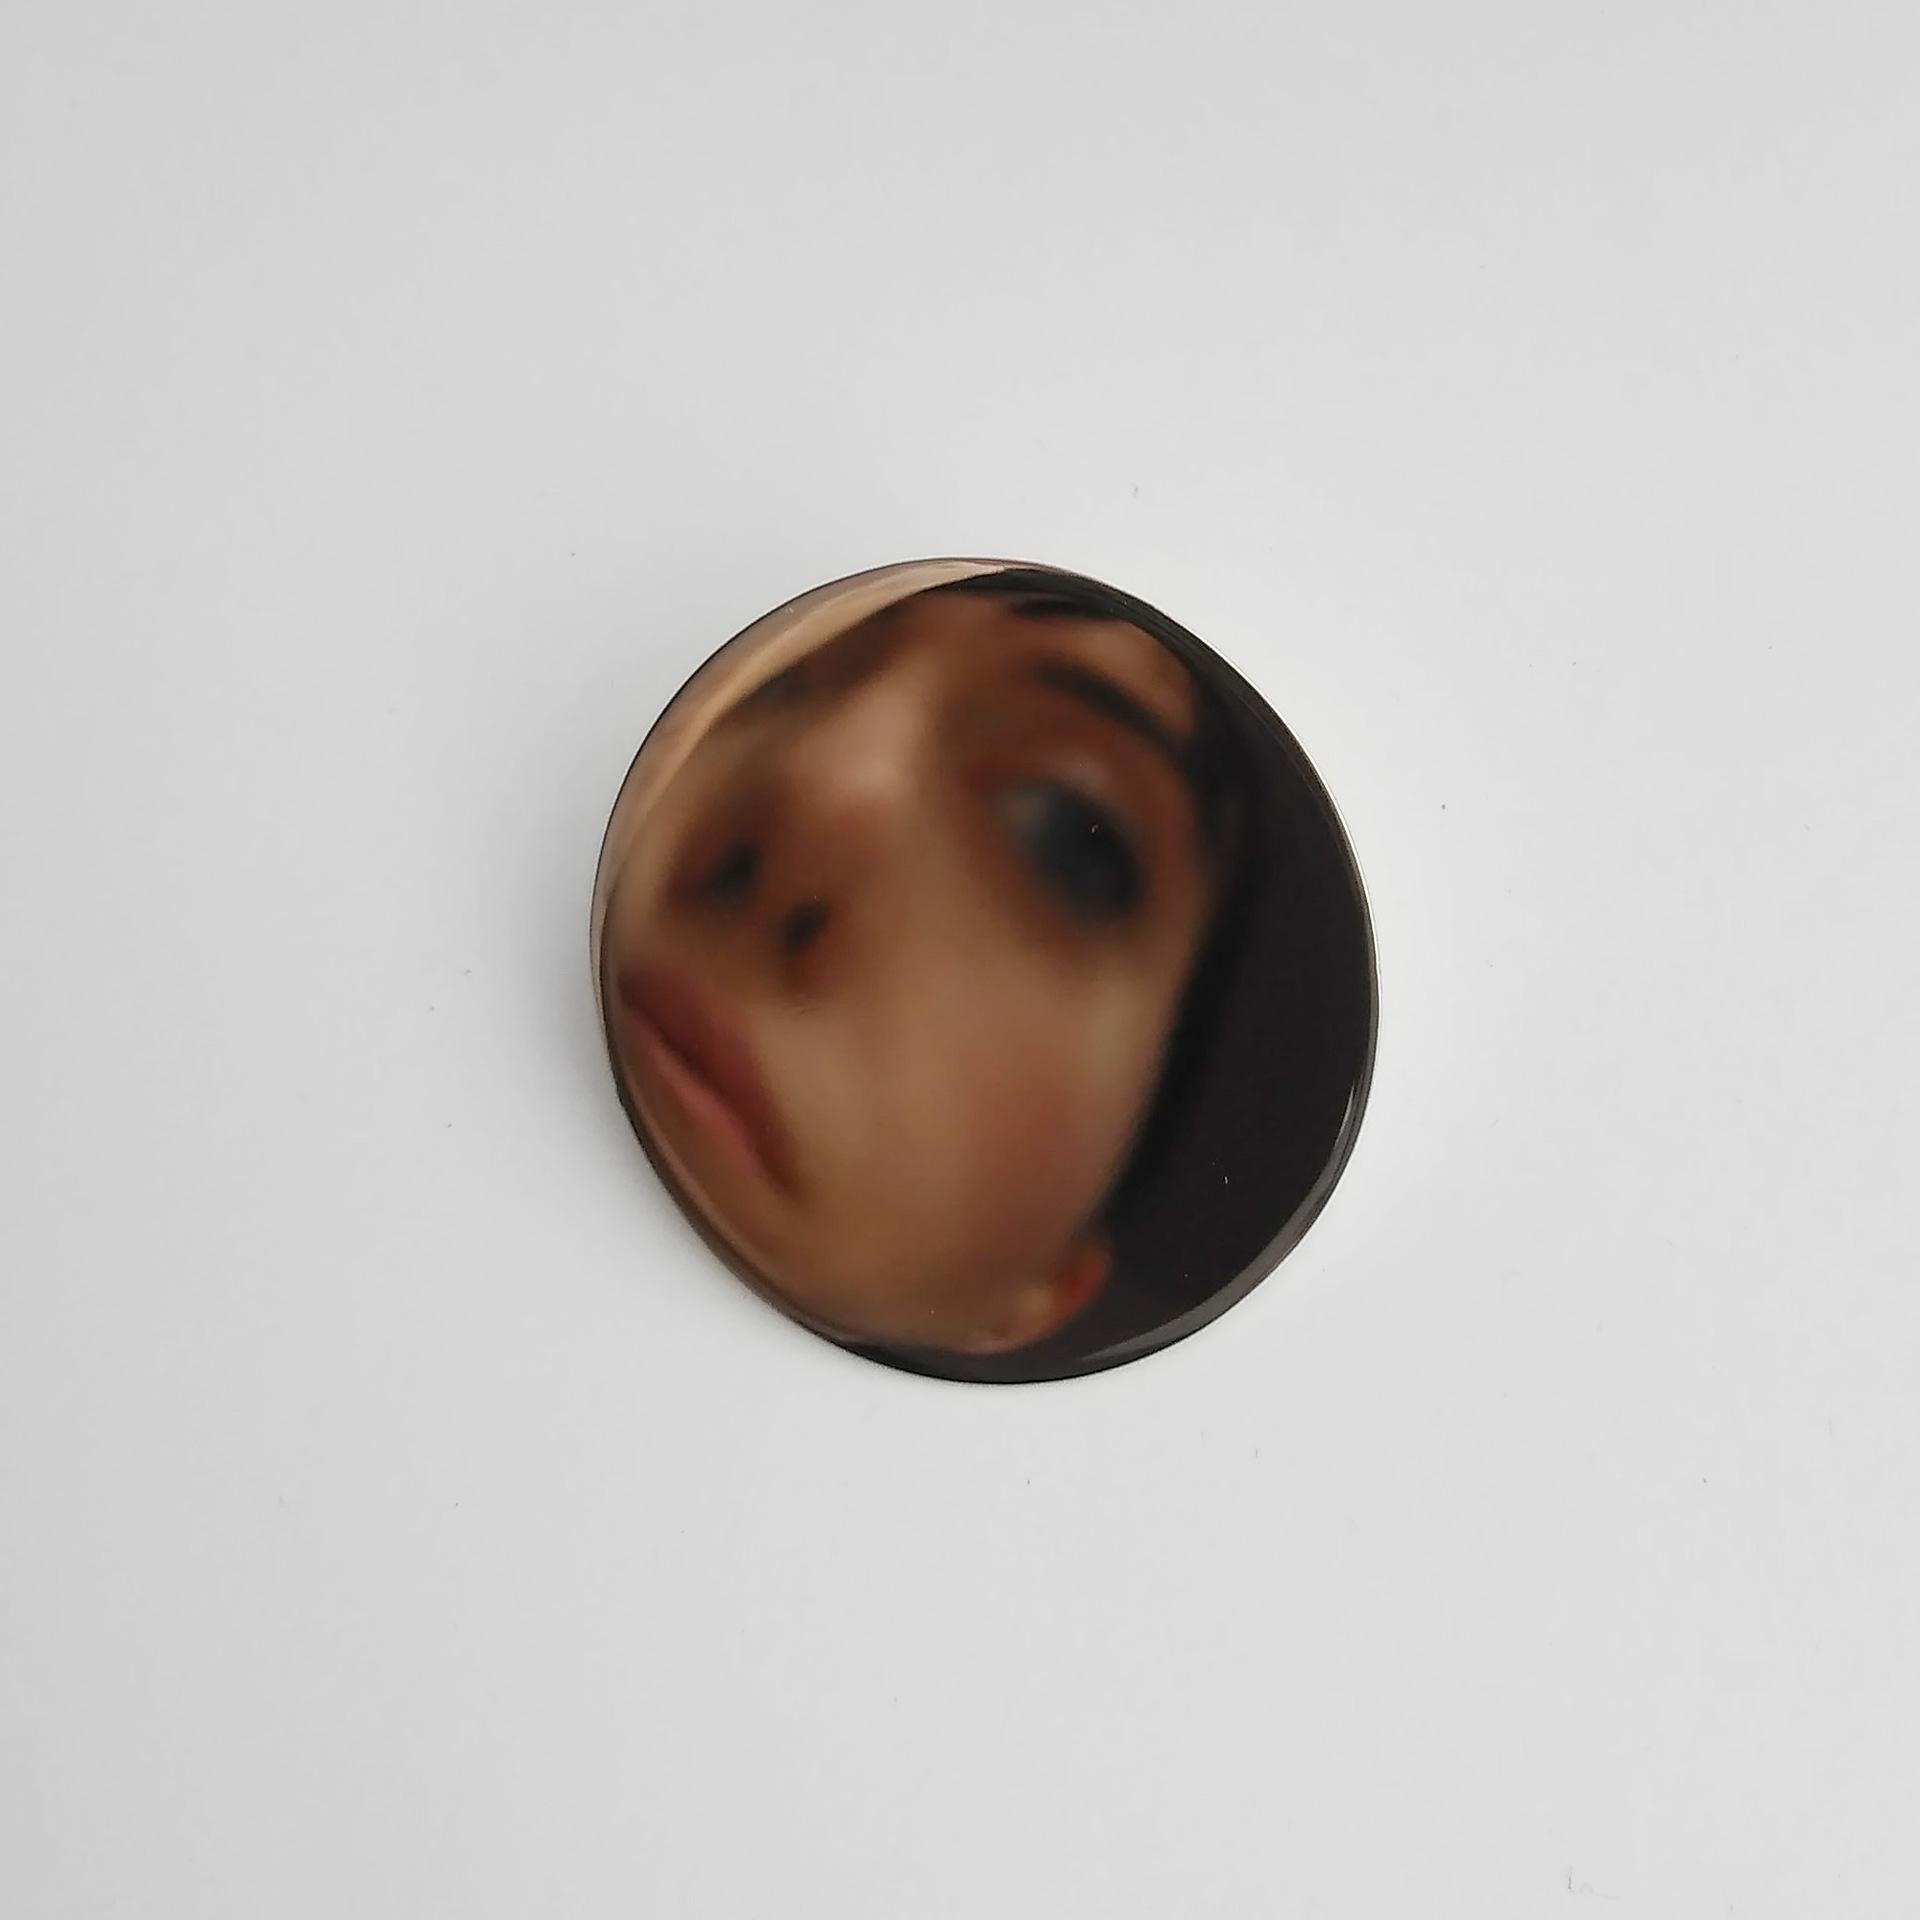 Pin / Silber spiegelpoliert